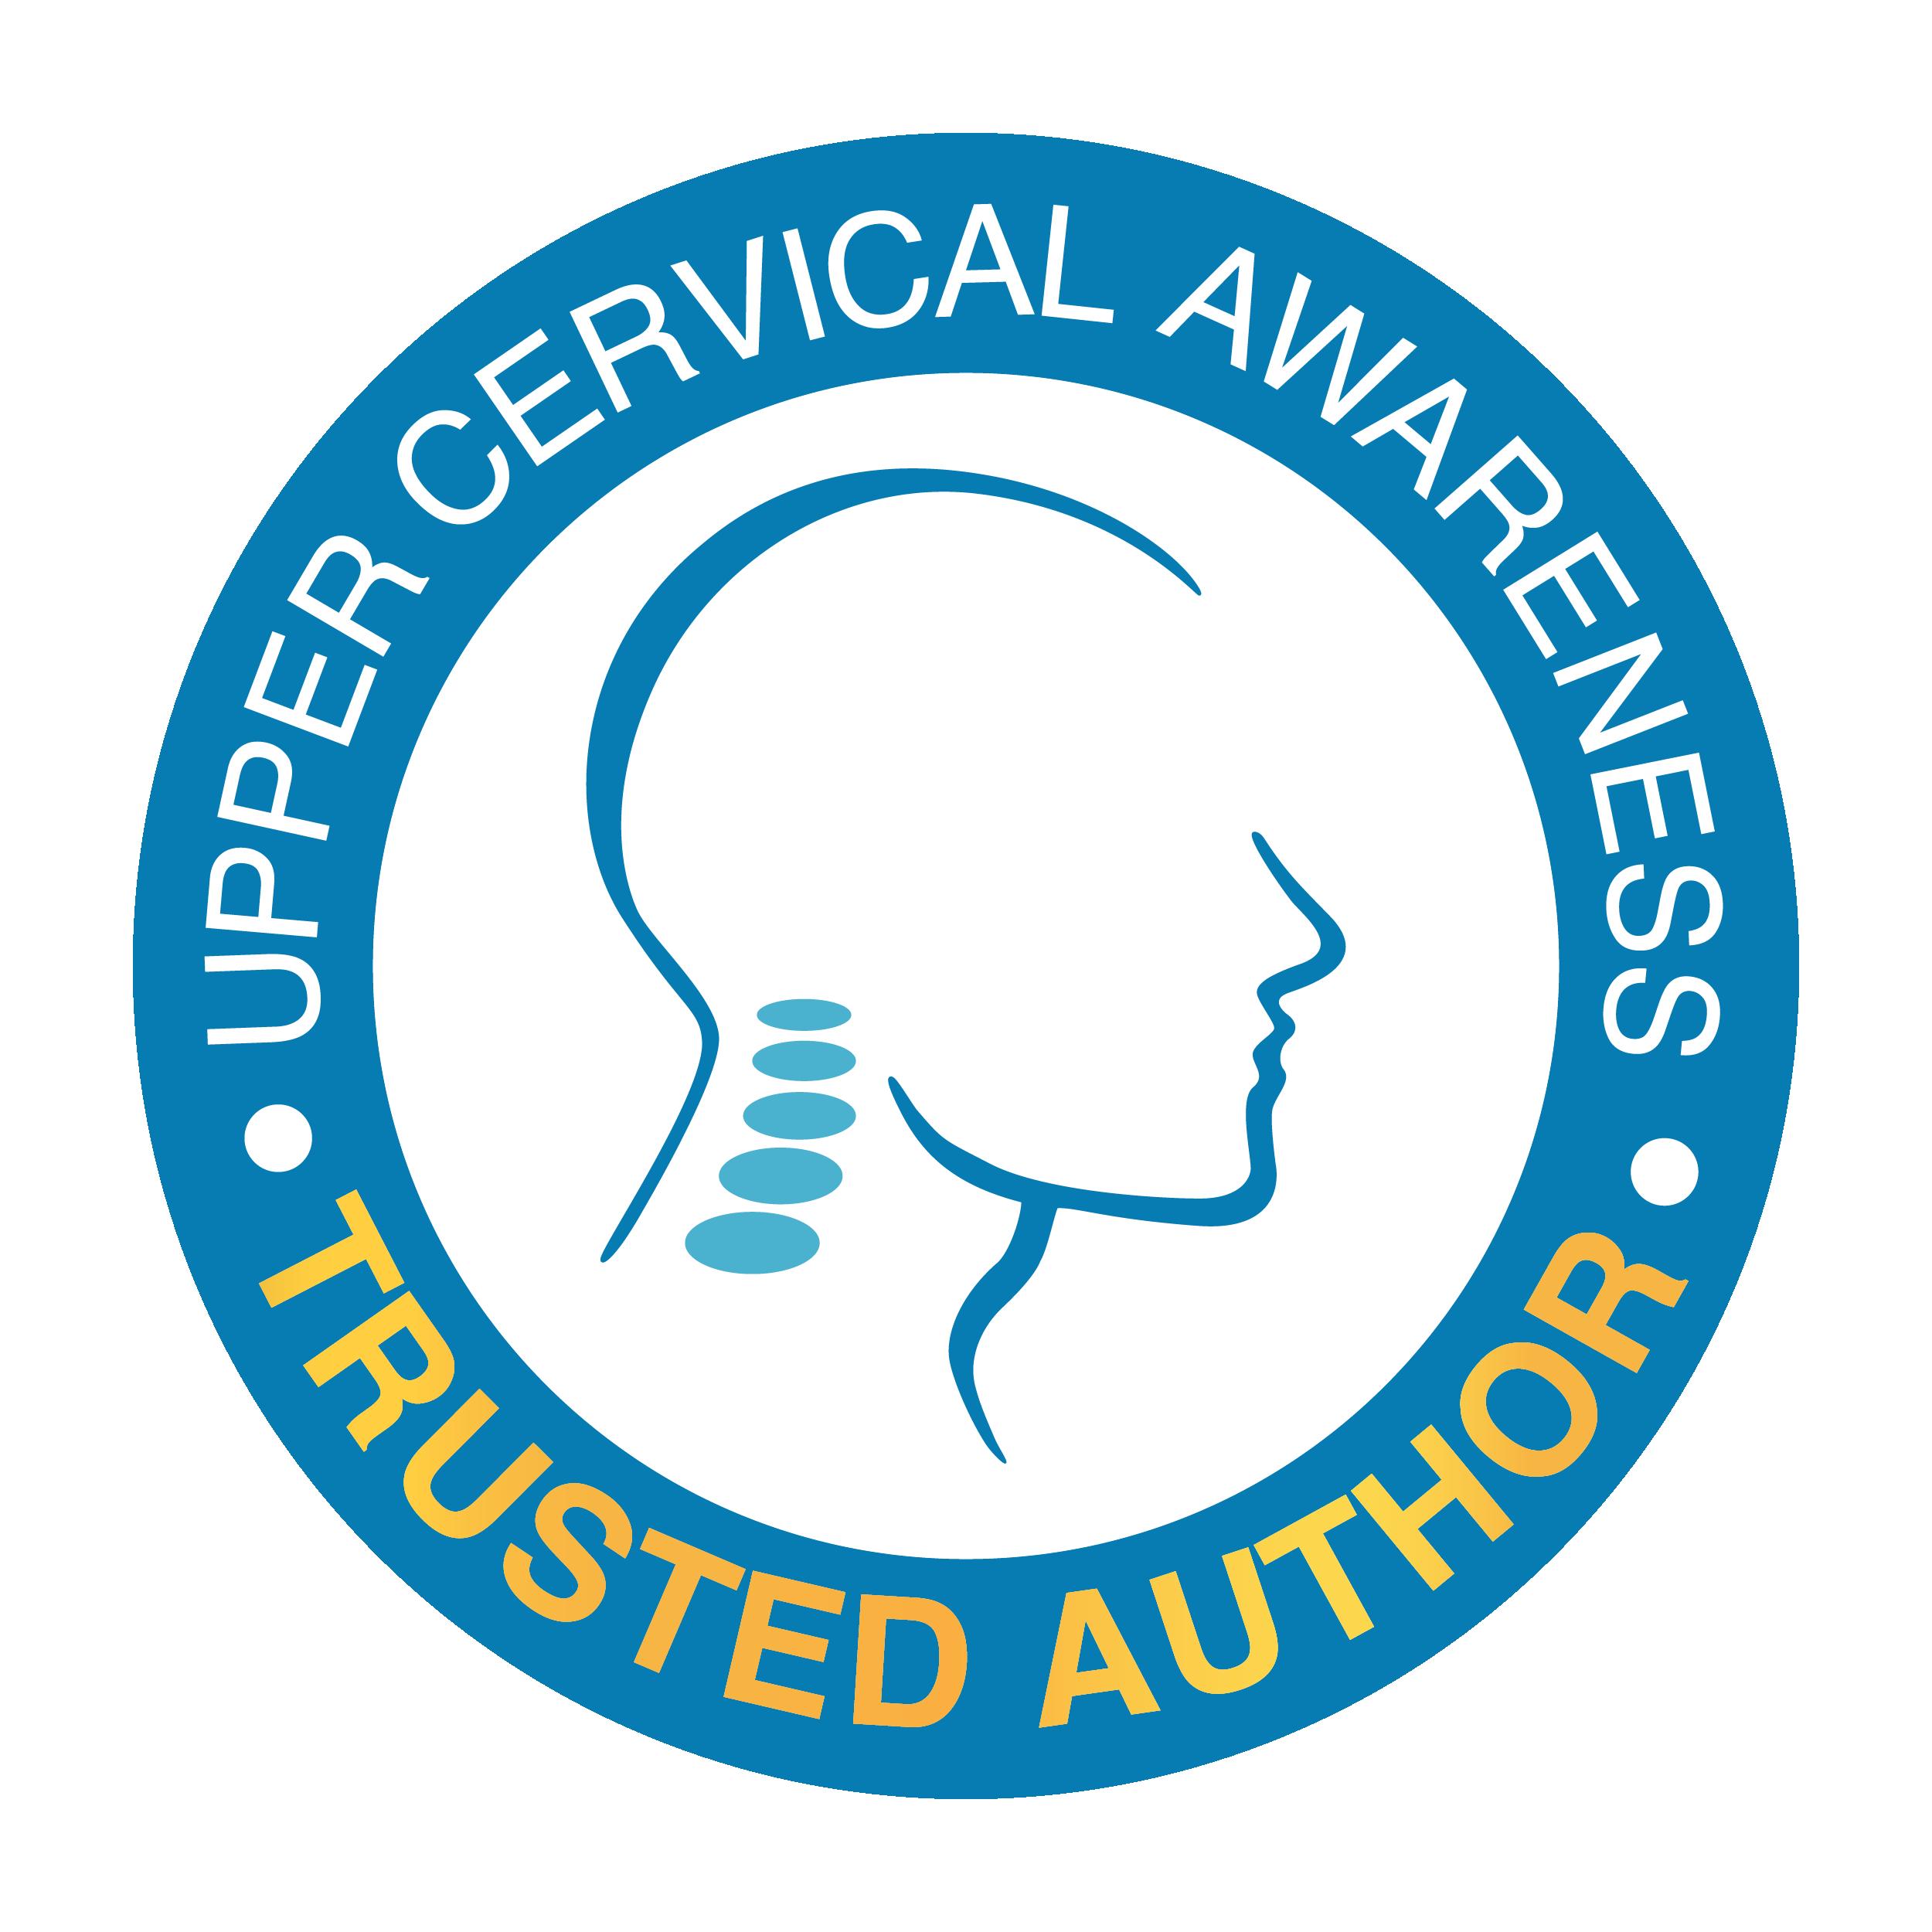 UCA_Trusted_Author_Badge